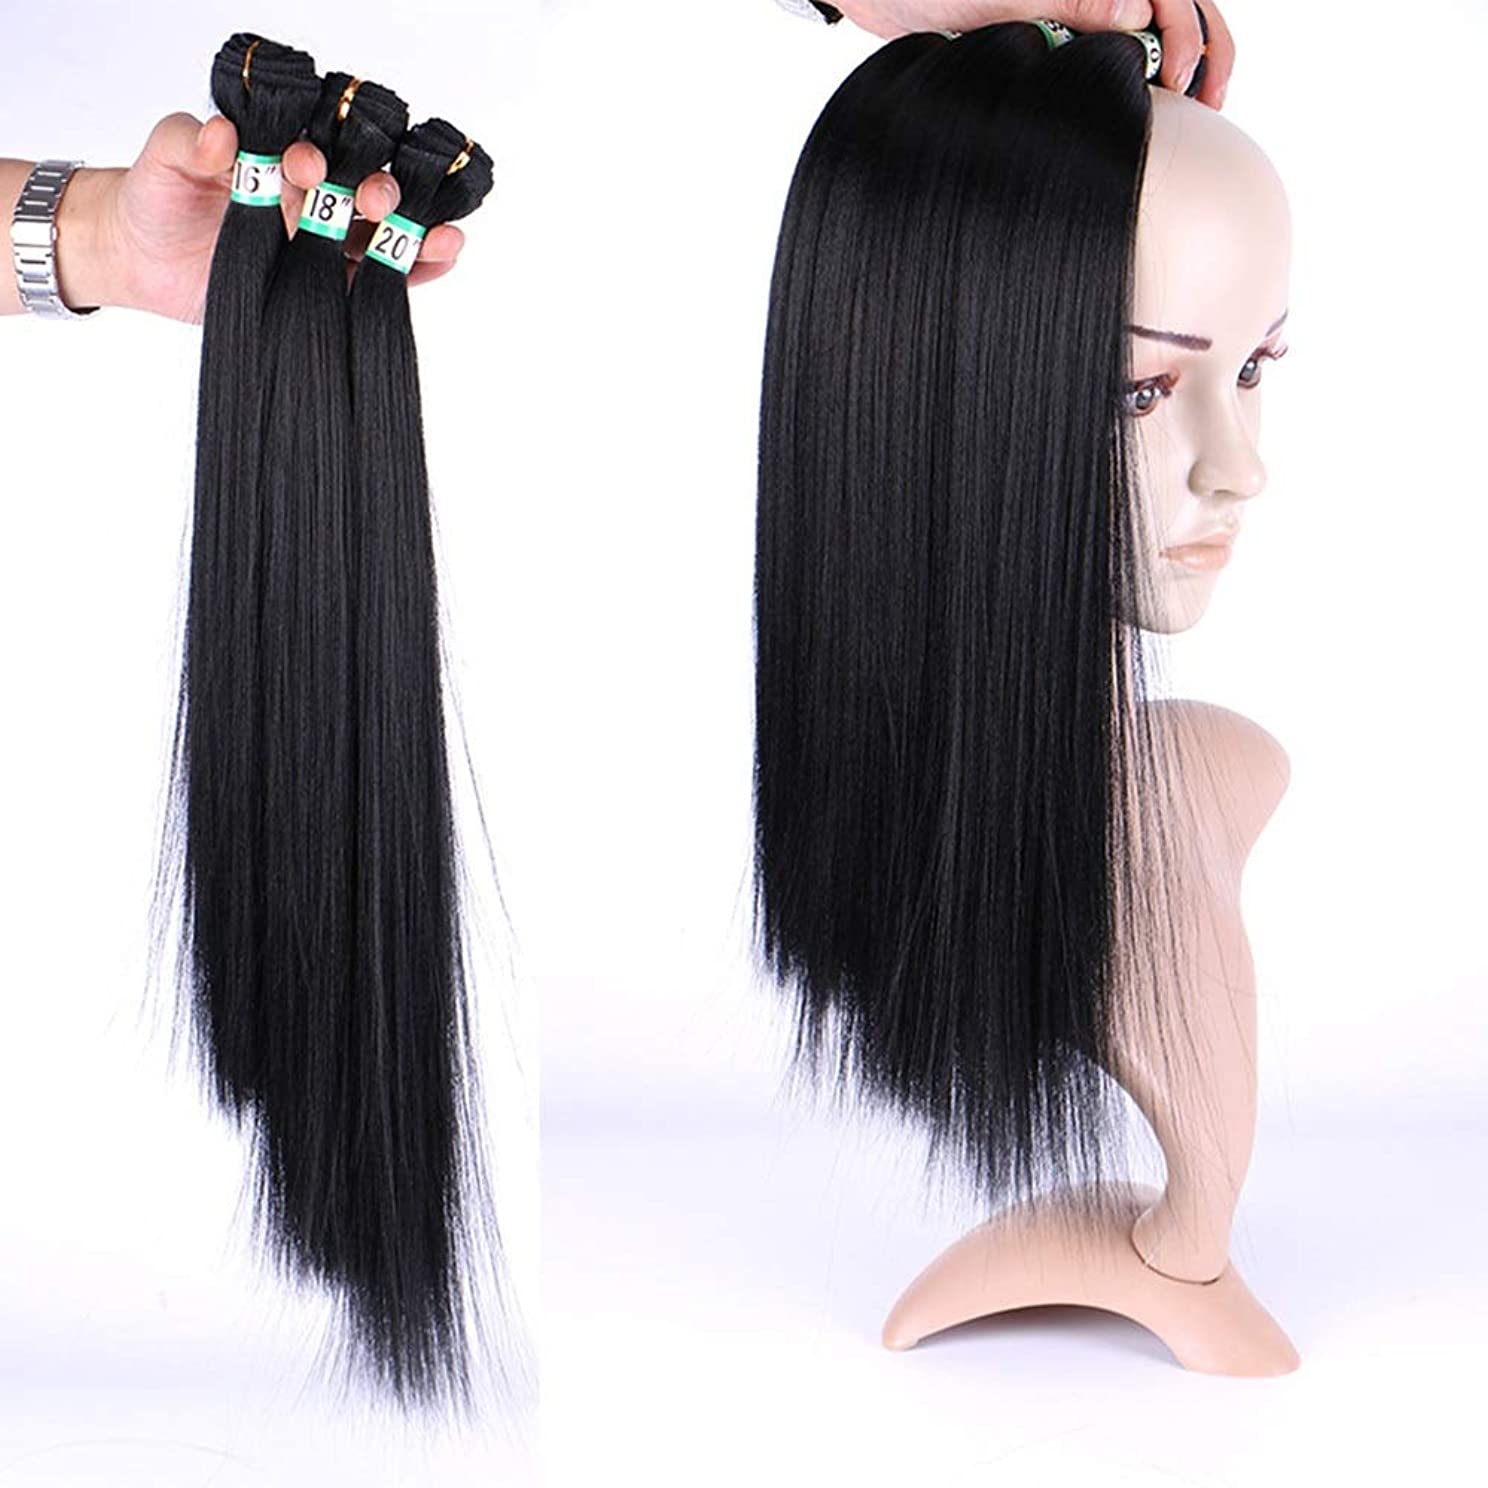 BOBIDYEE 女性のシルキーストレートヘア3バンドル髪織りエクステンション - ナチュラルブラック(1バンドル/ 70g)合成髪レースかつらロールプレイングウィッグロングとショート女性自然 (色 : 黒, サイズ : 20